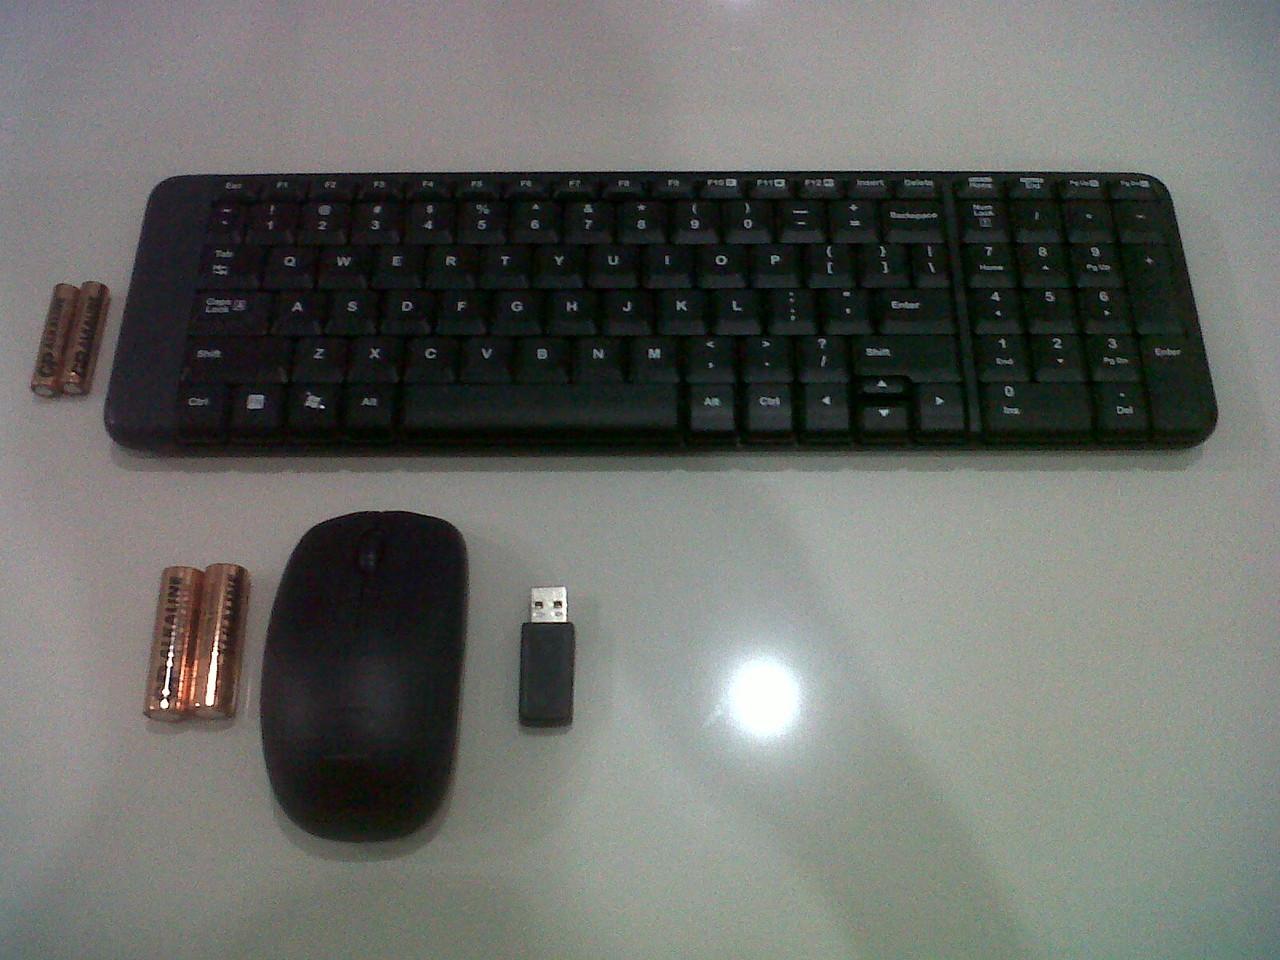 Jual Keyboard Mouse Logitech Wireless Mk220 Taksaka Store Tokopedia